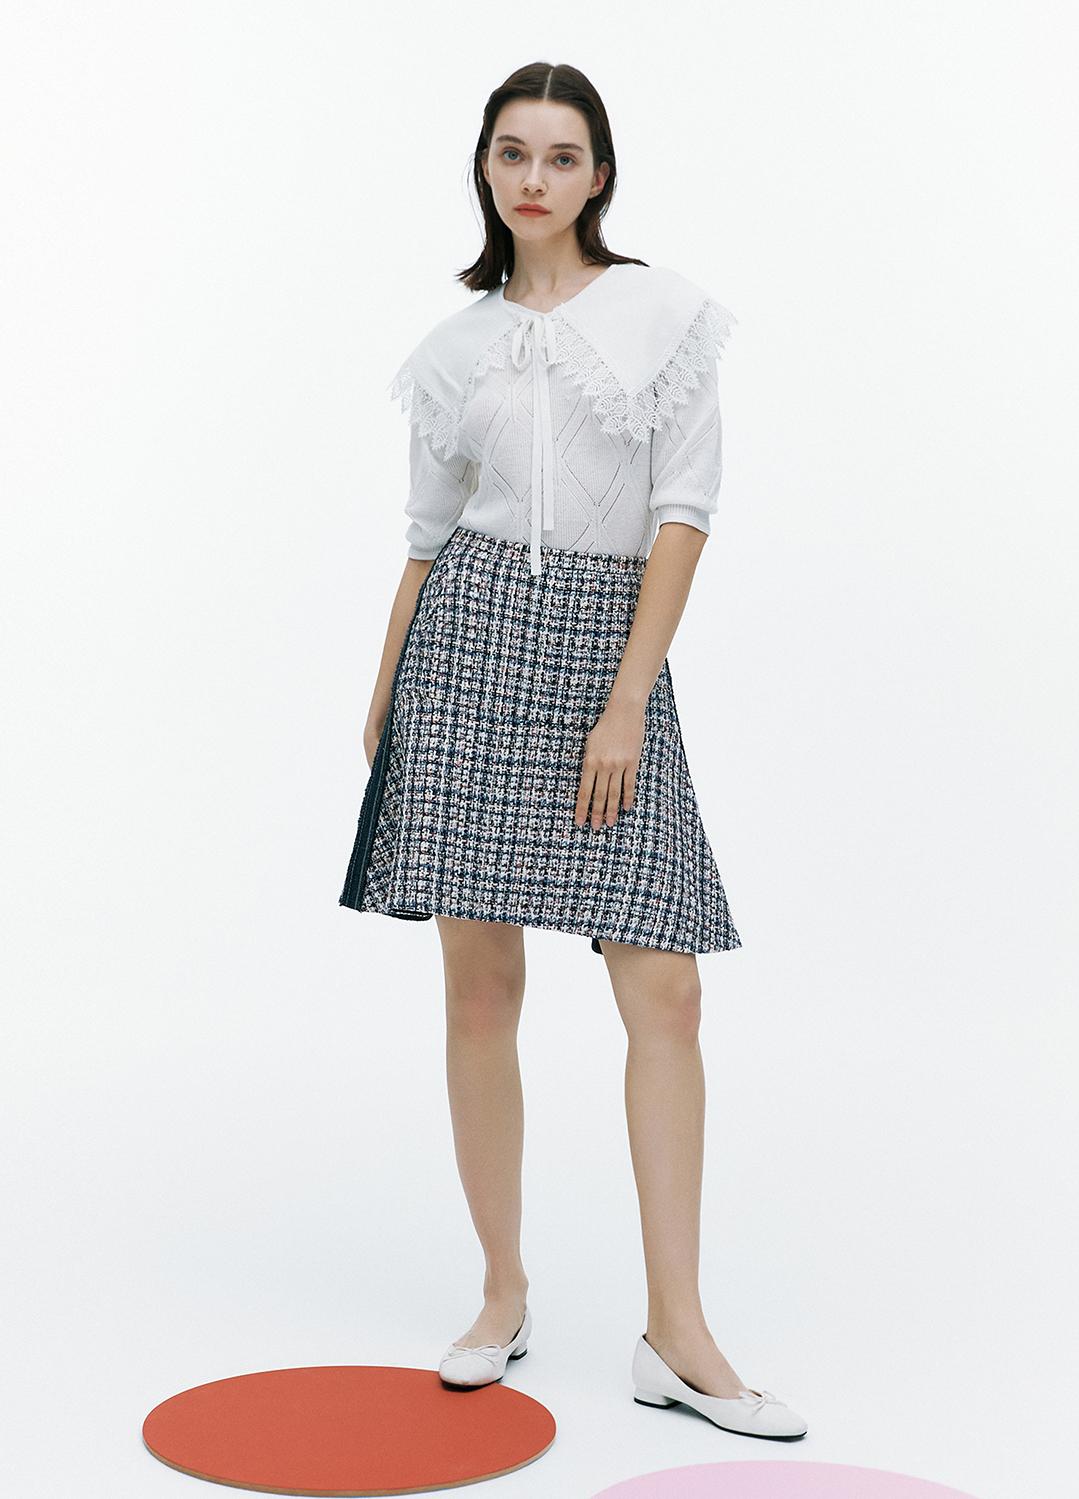 [FAD] Sailor collar V neck knit pullover